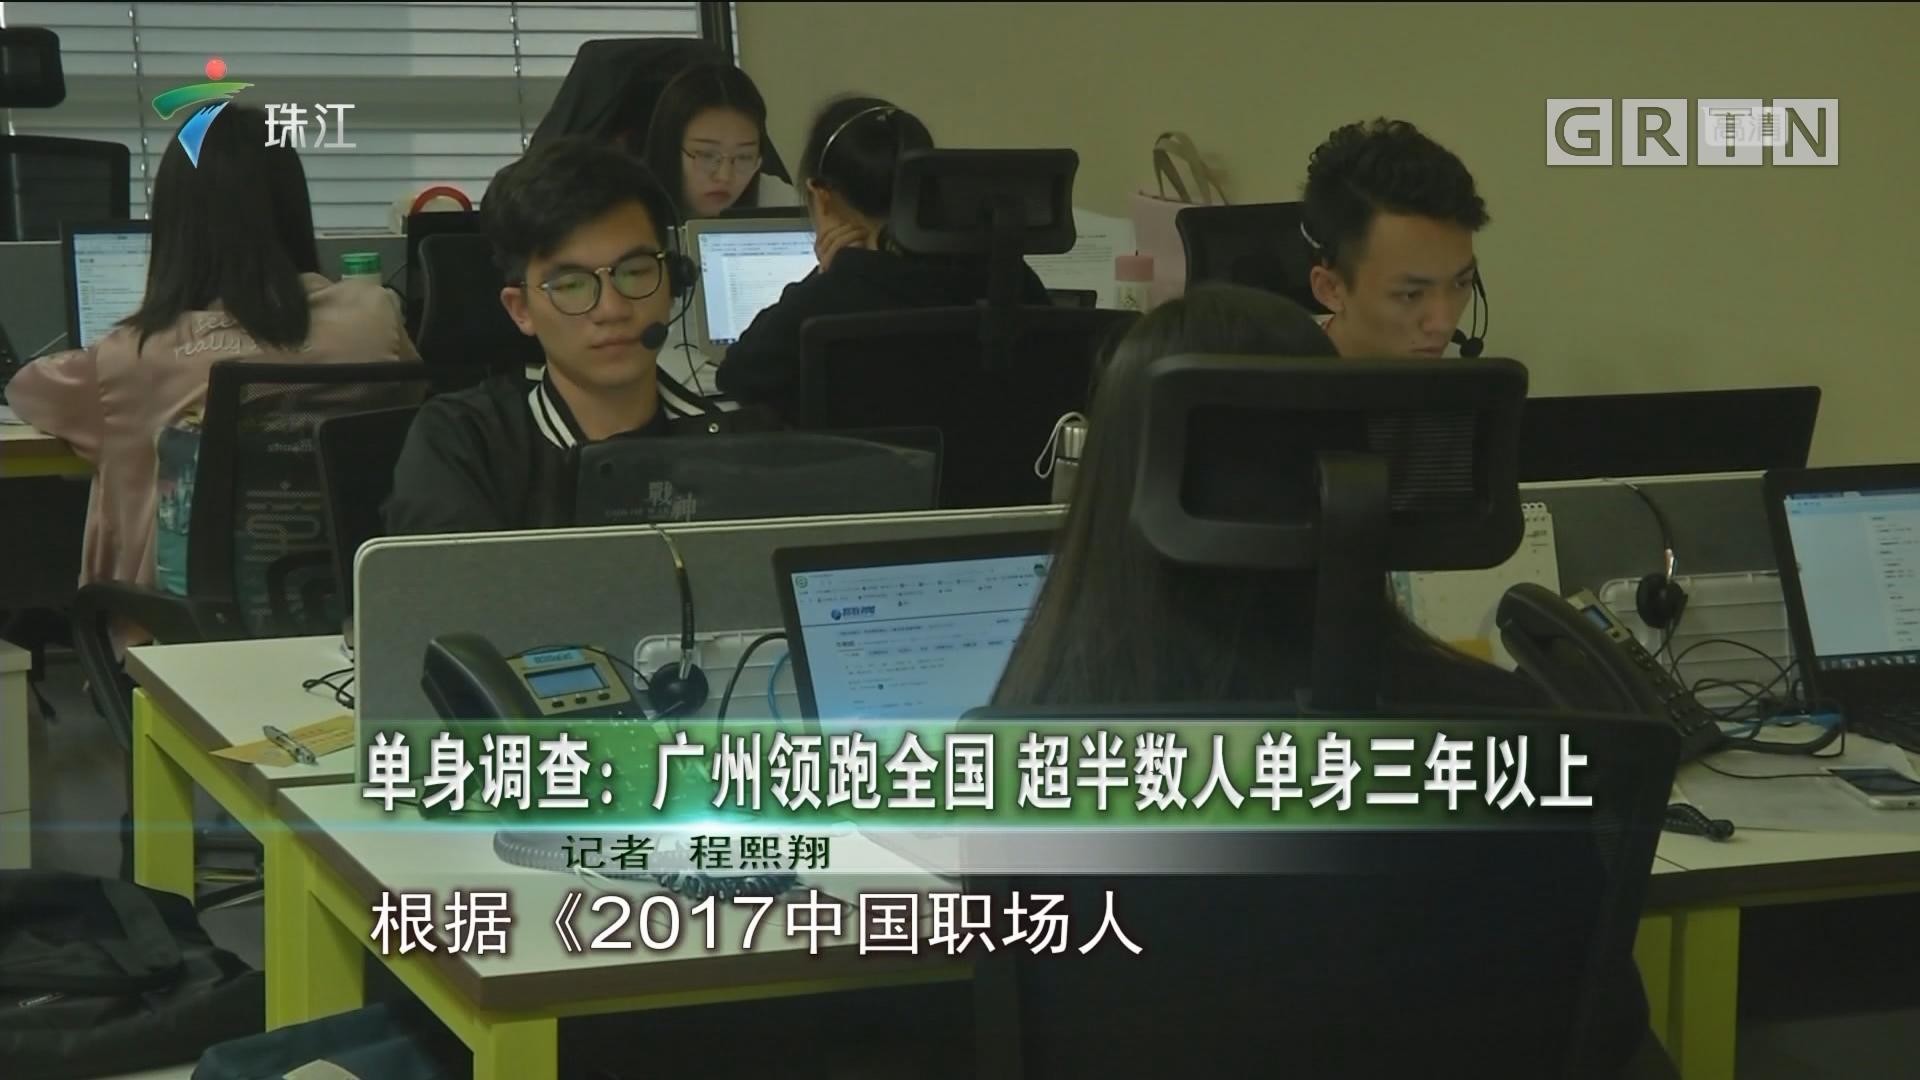 单身调查:广州领跑全国 超半数人单身三年以上